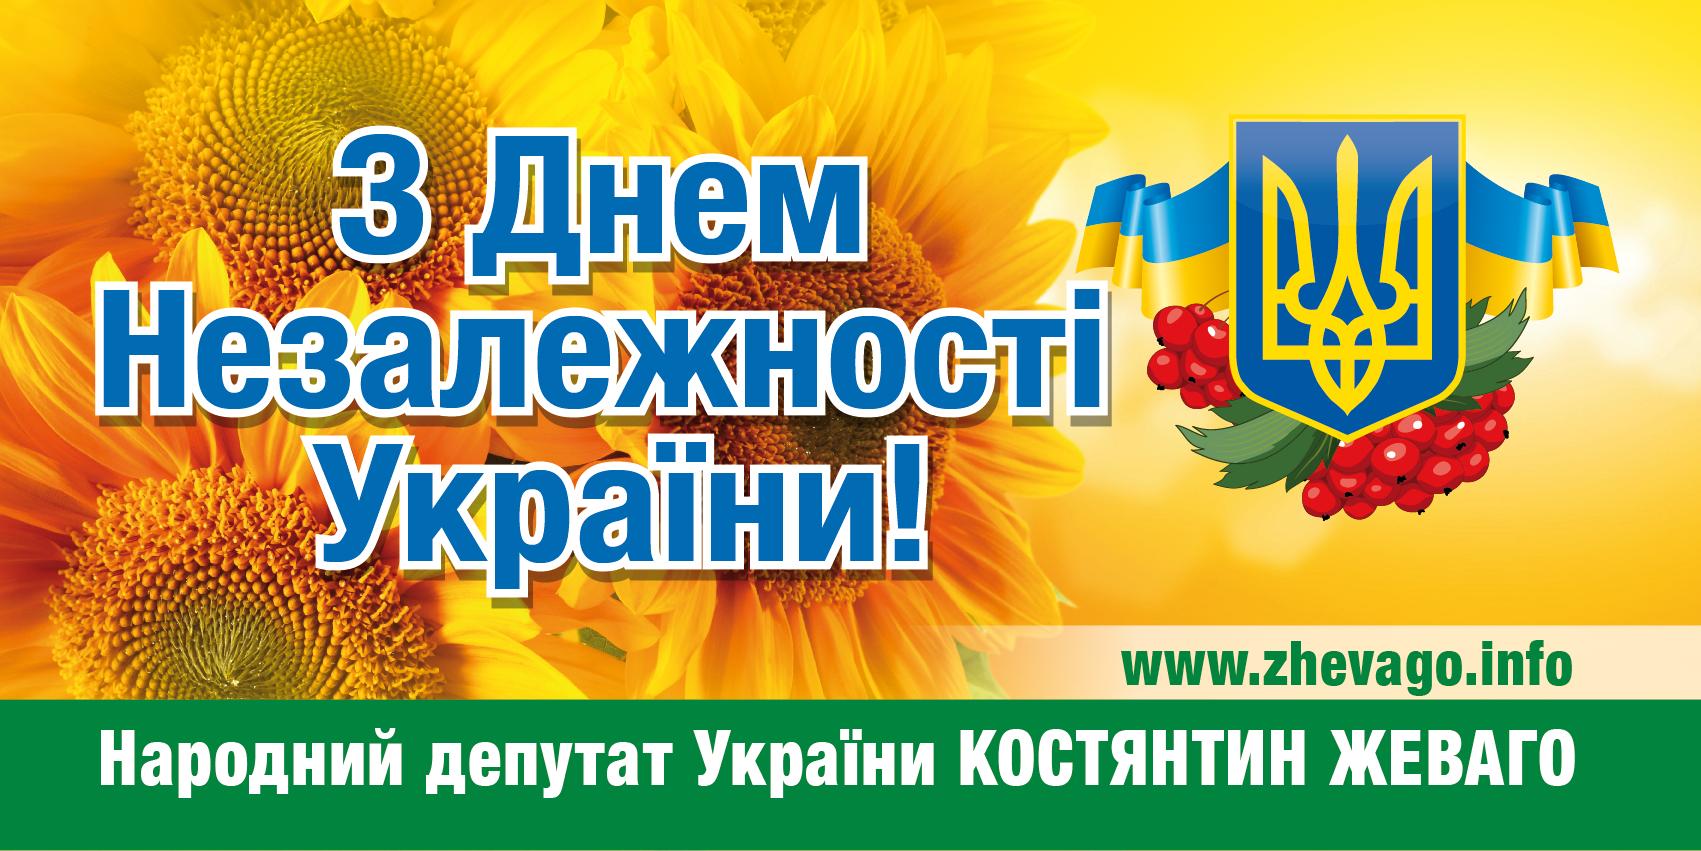 Смс поздравления с днем независимости Украины 96